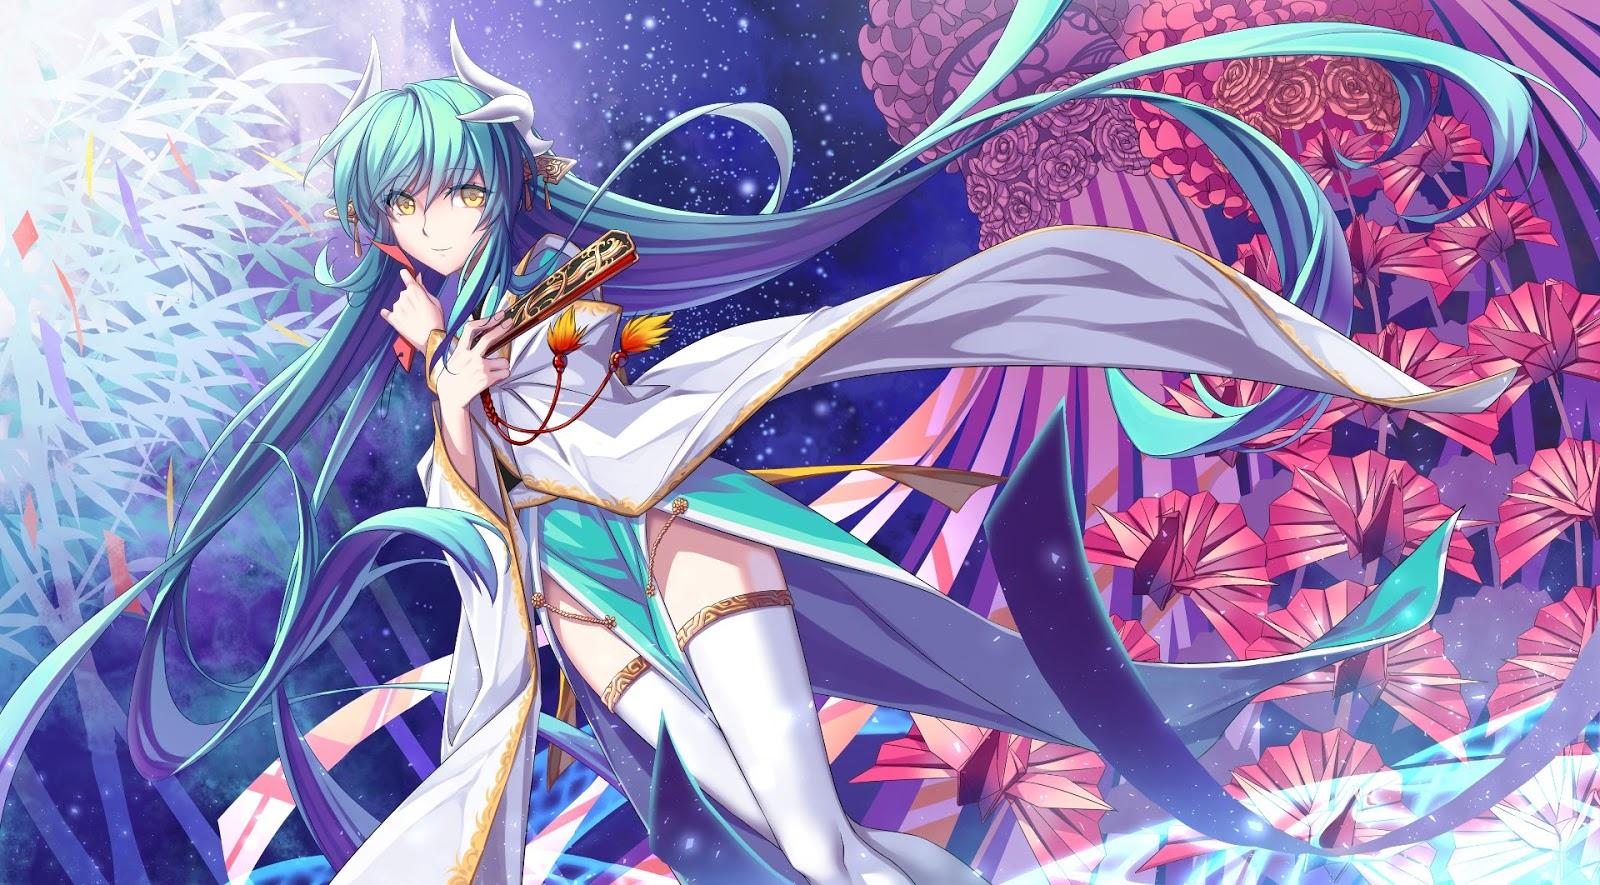 Fate AowVN%2B%2528113%2529 - [ Hình Nền ] Anime Fate/GrandOrder tuyệt đẹp Full HD | Wallpaper